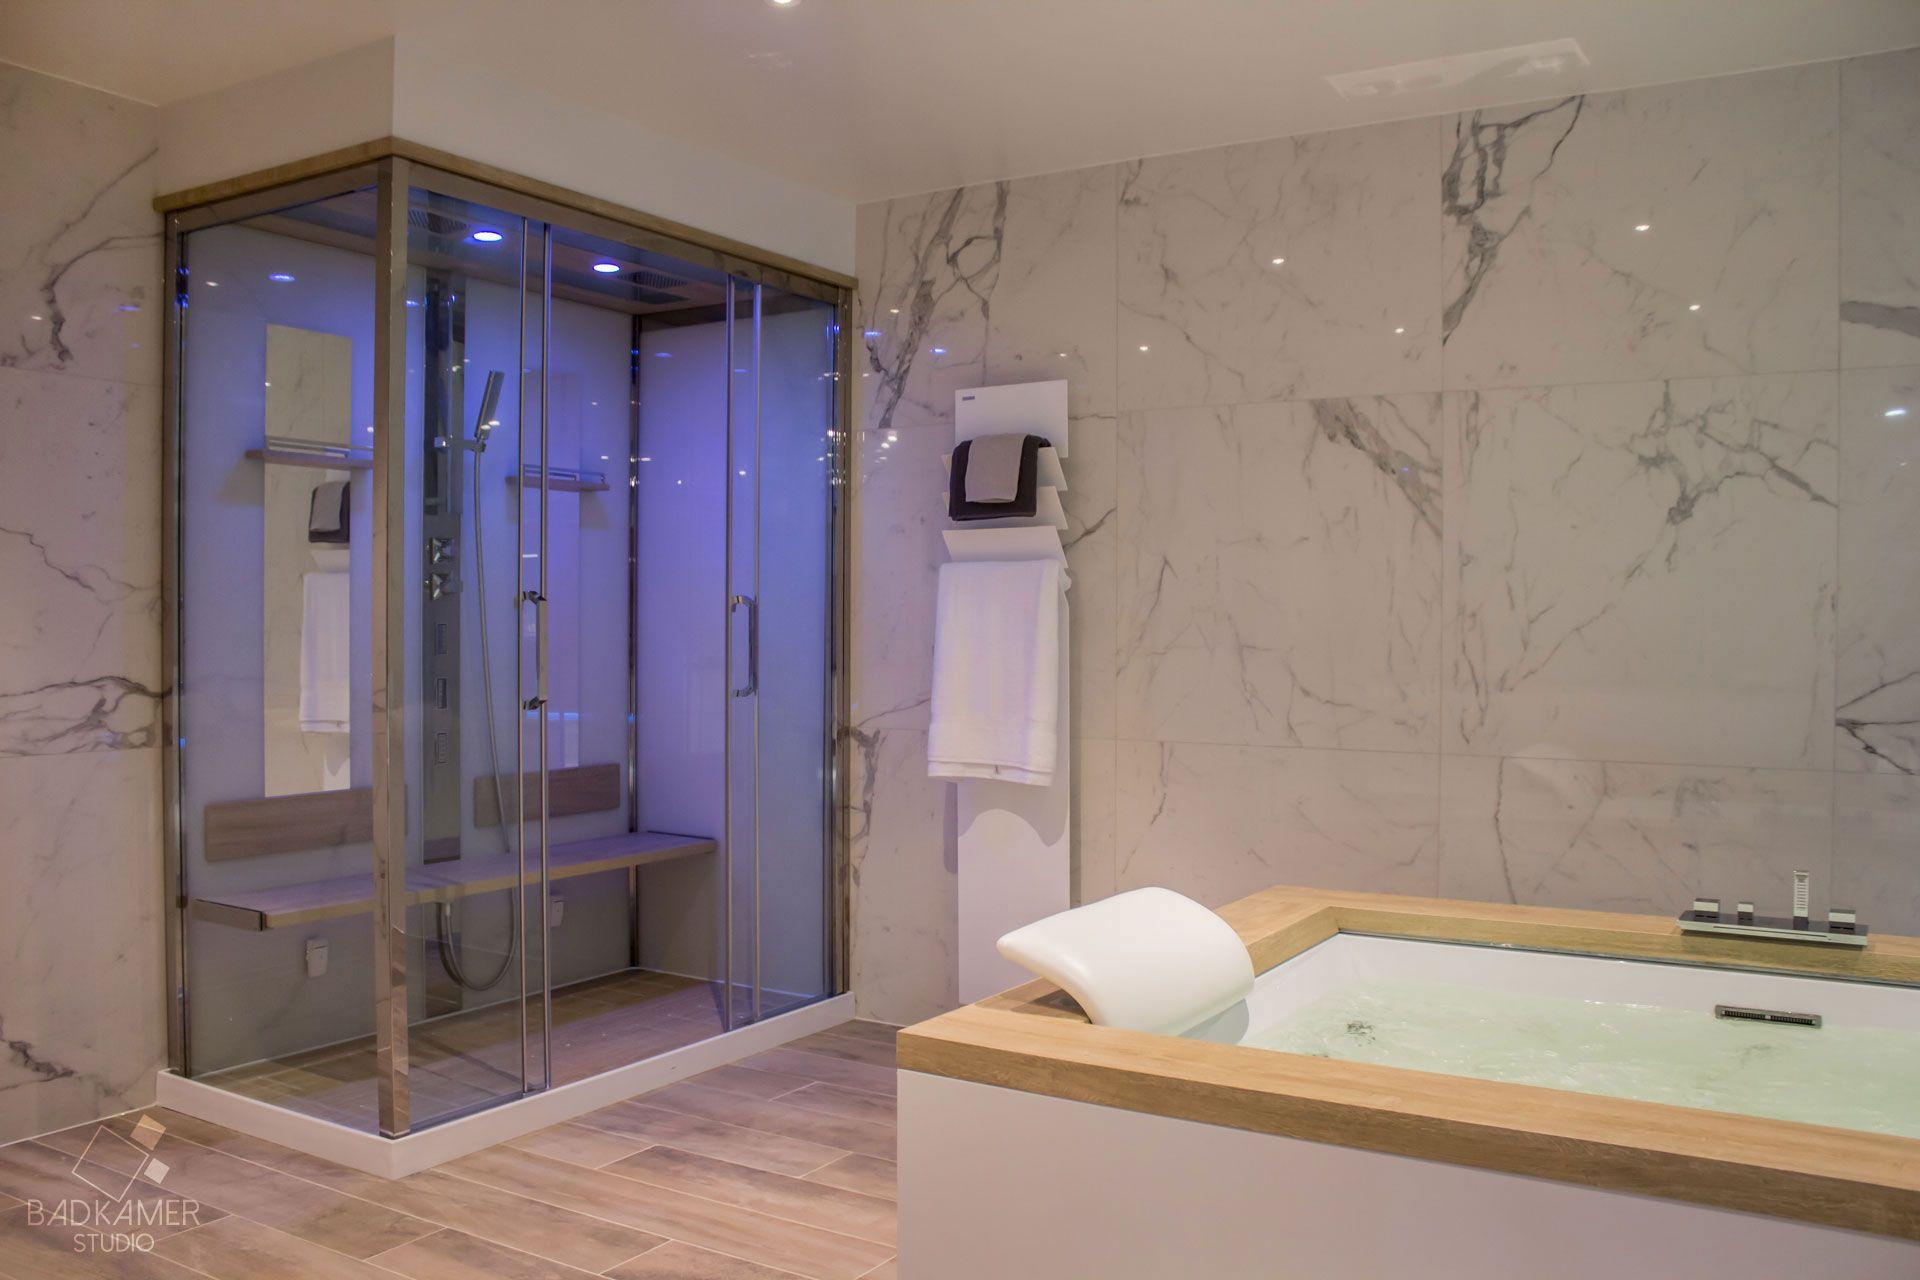 Maatwerk klassiek chique badkamer met grote wandtegels en kerlite